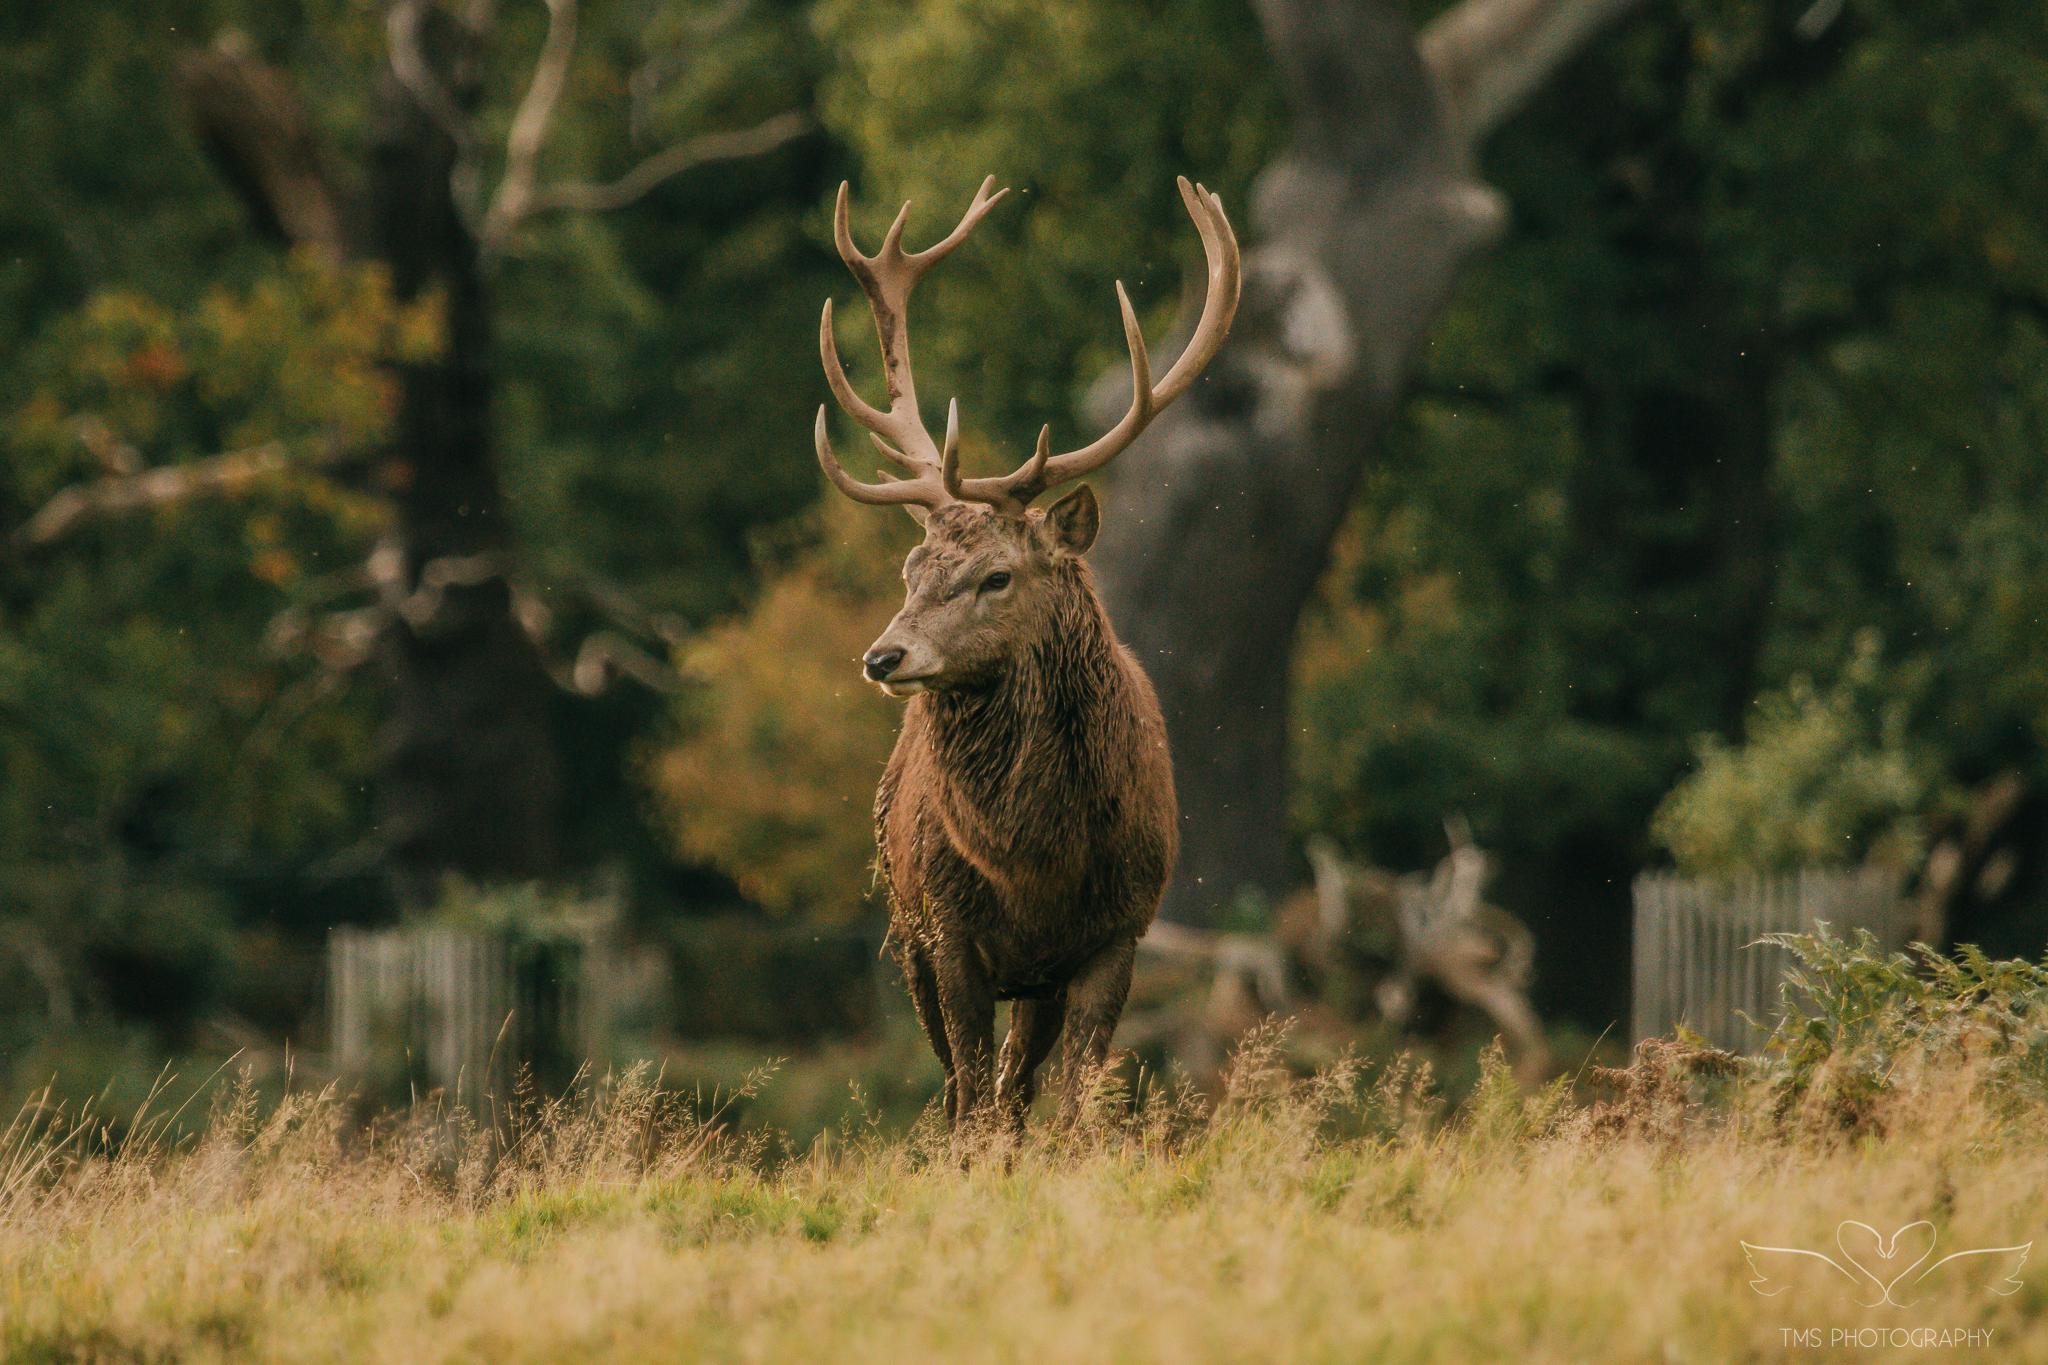 Deer_calkeparkderbyshire-20